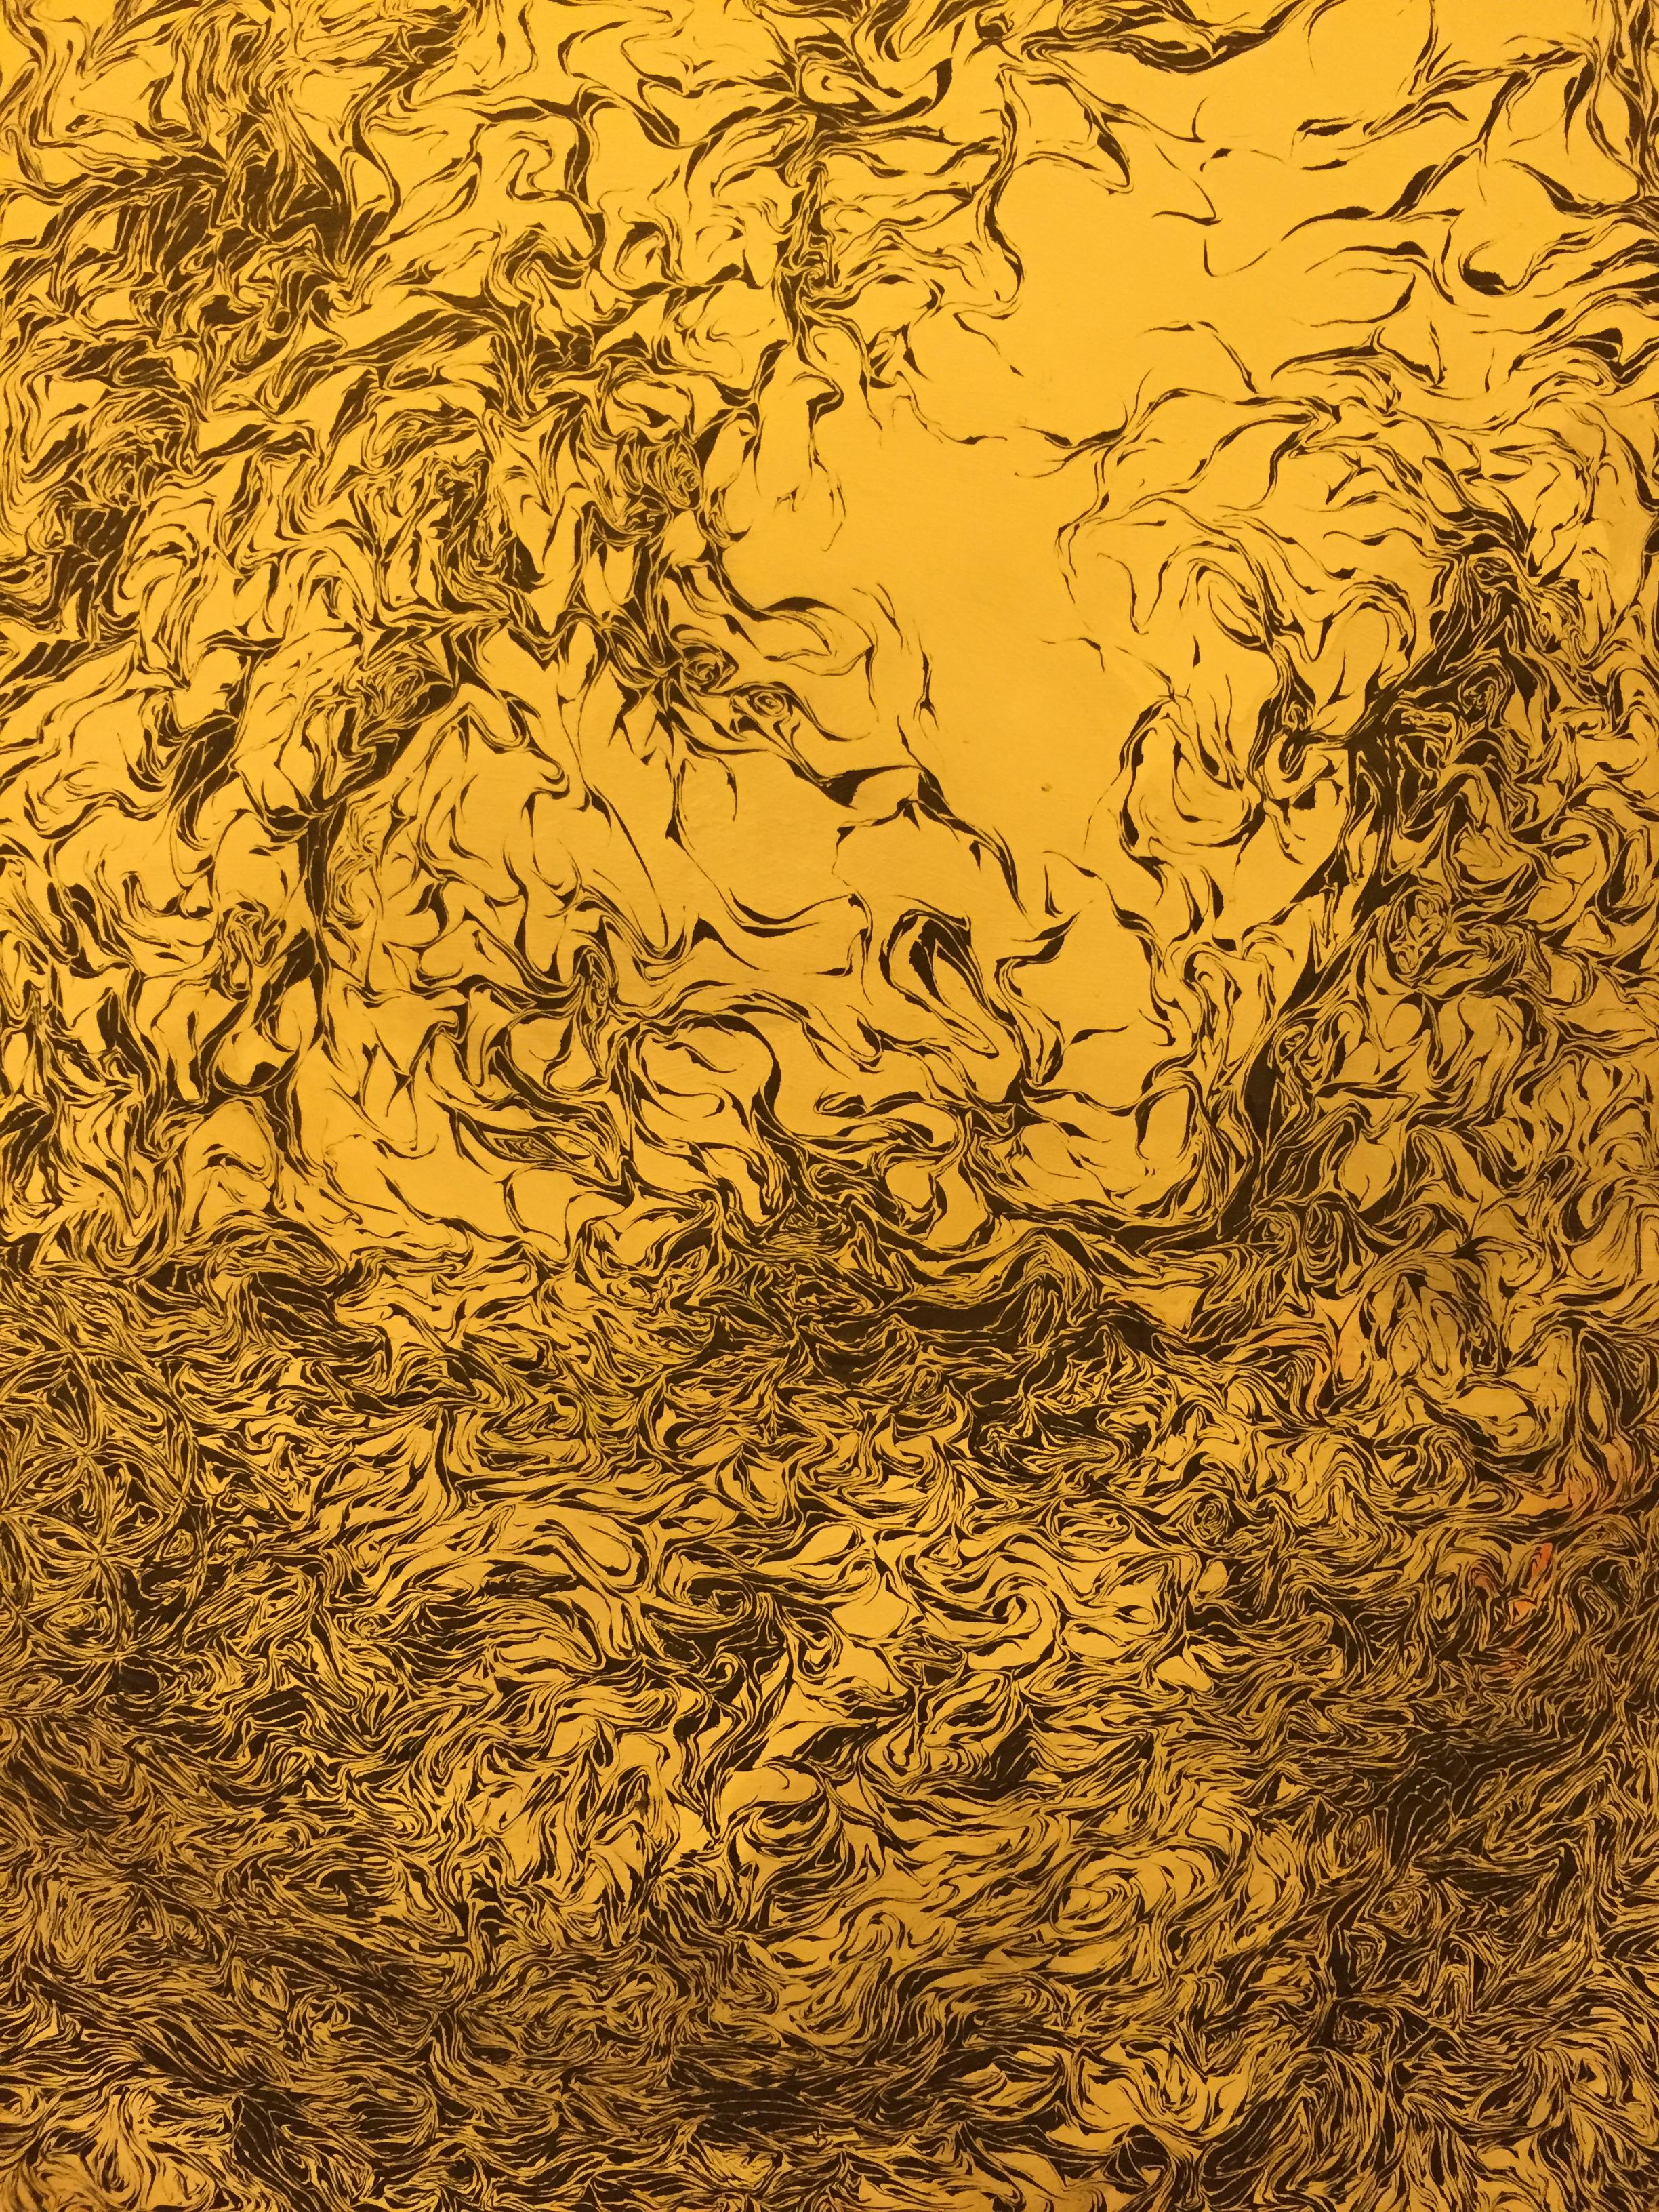 nathalie bergiers artworks 2014 @ hugo neumann brussels 16